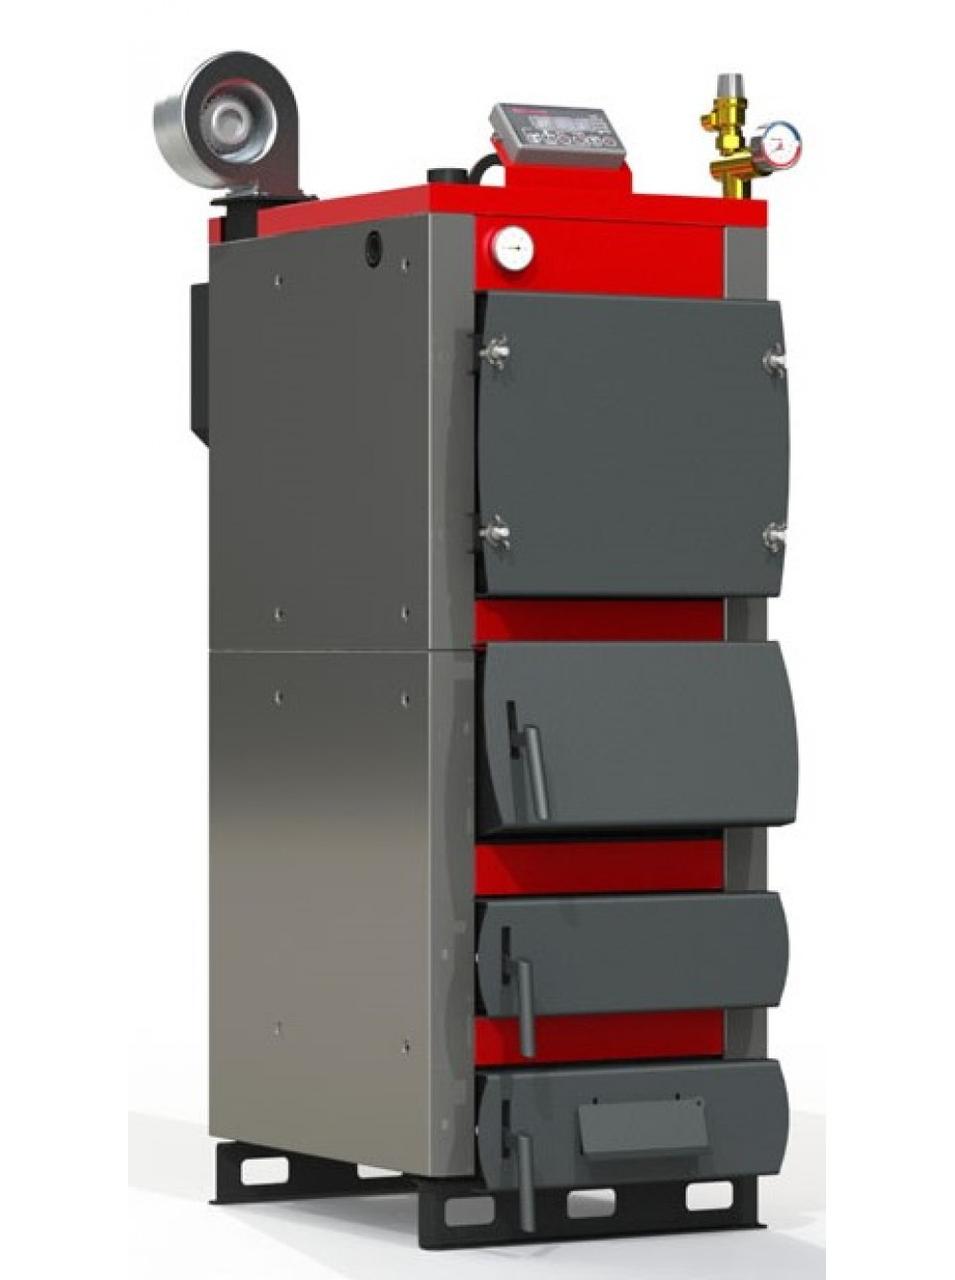 Котел длительного горения ProTech ТТ-50 кВт Smart MW с микропроцессорным контроллером (автоматикой)